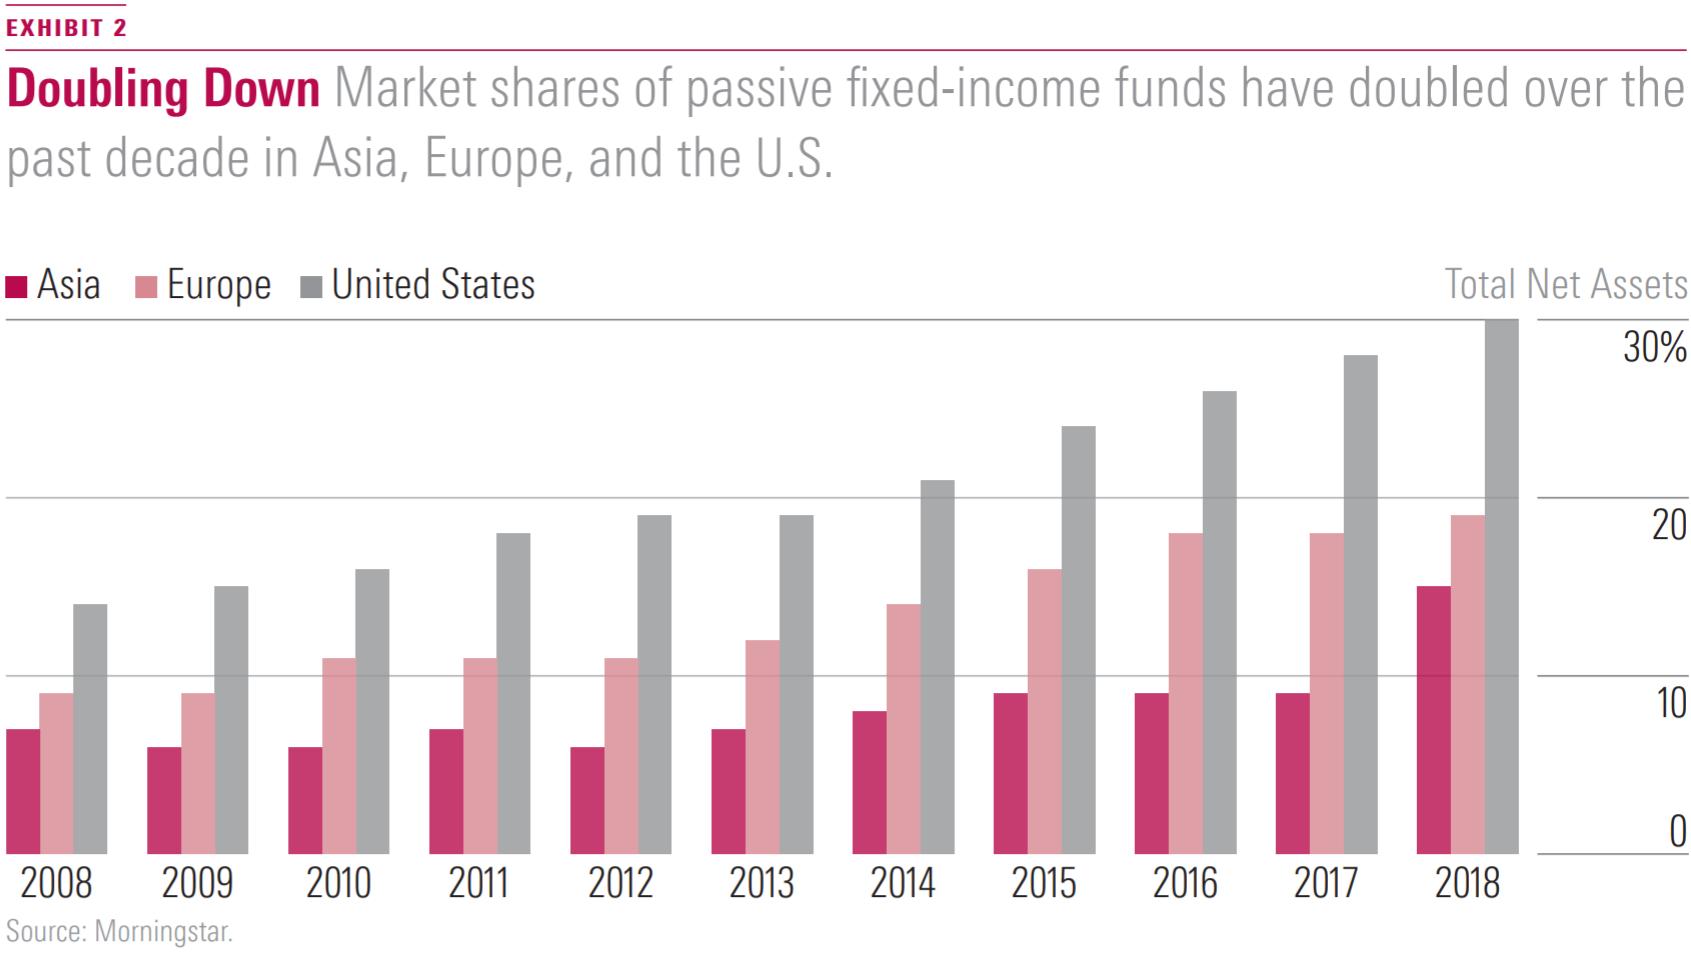 Utviklingen i markedsandel indekserte rentefond